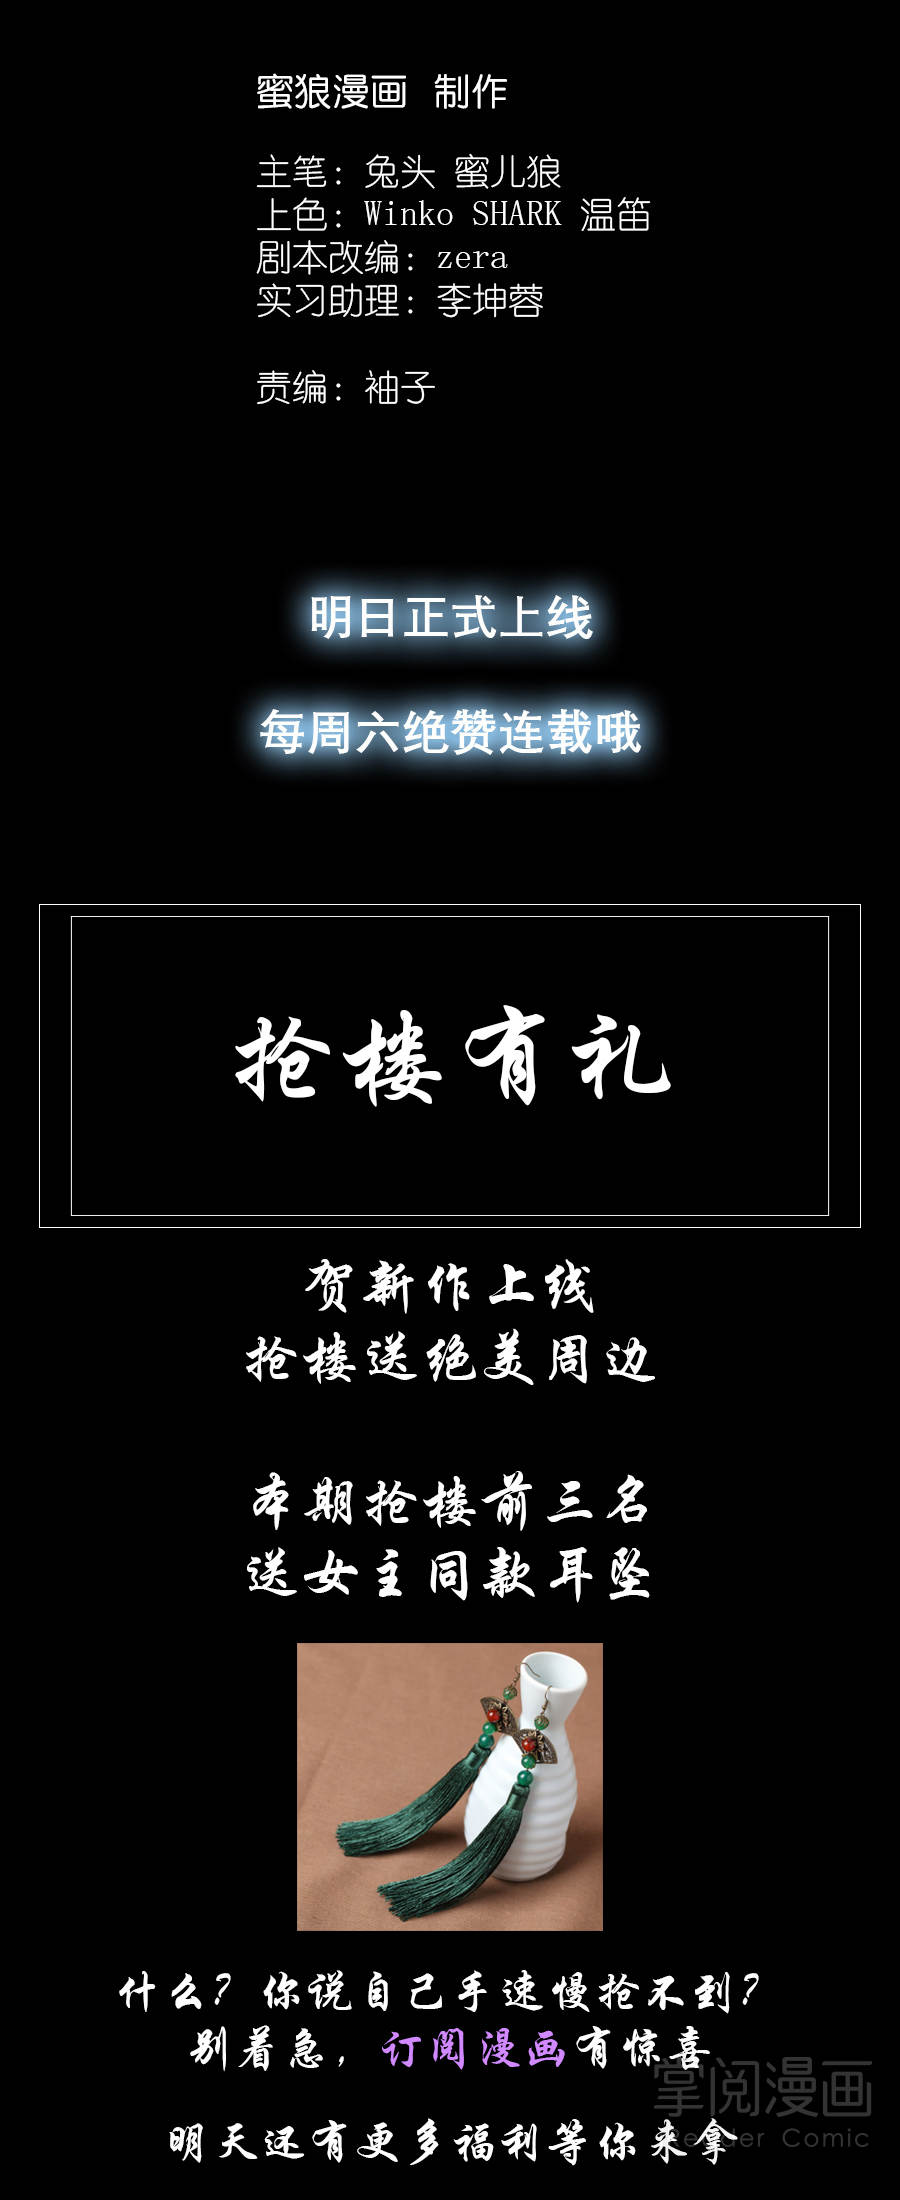 废柴逆天召唤师第1话  预告·快活便好 第 15